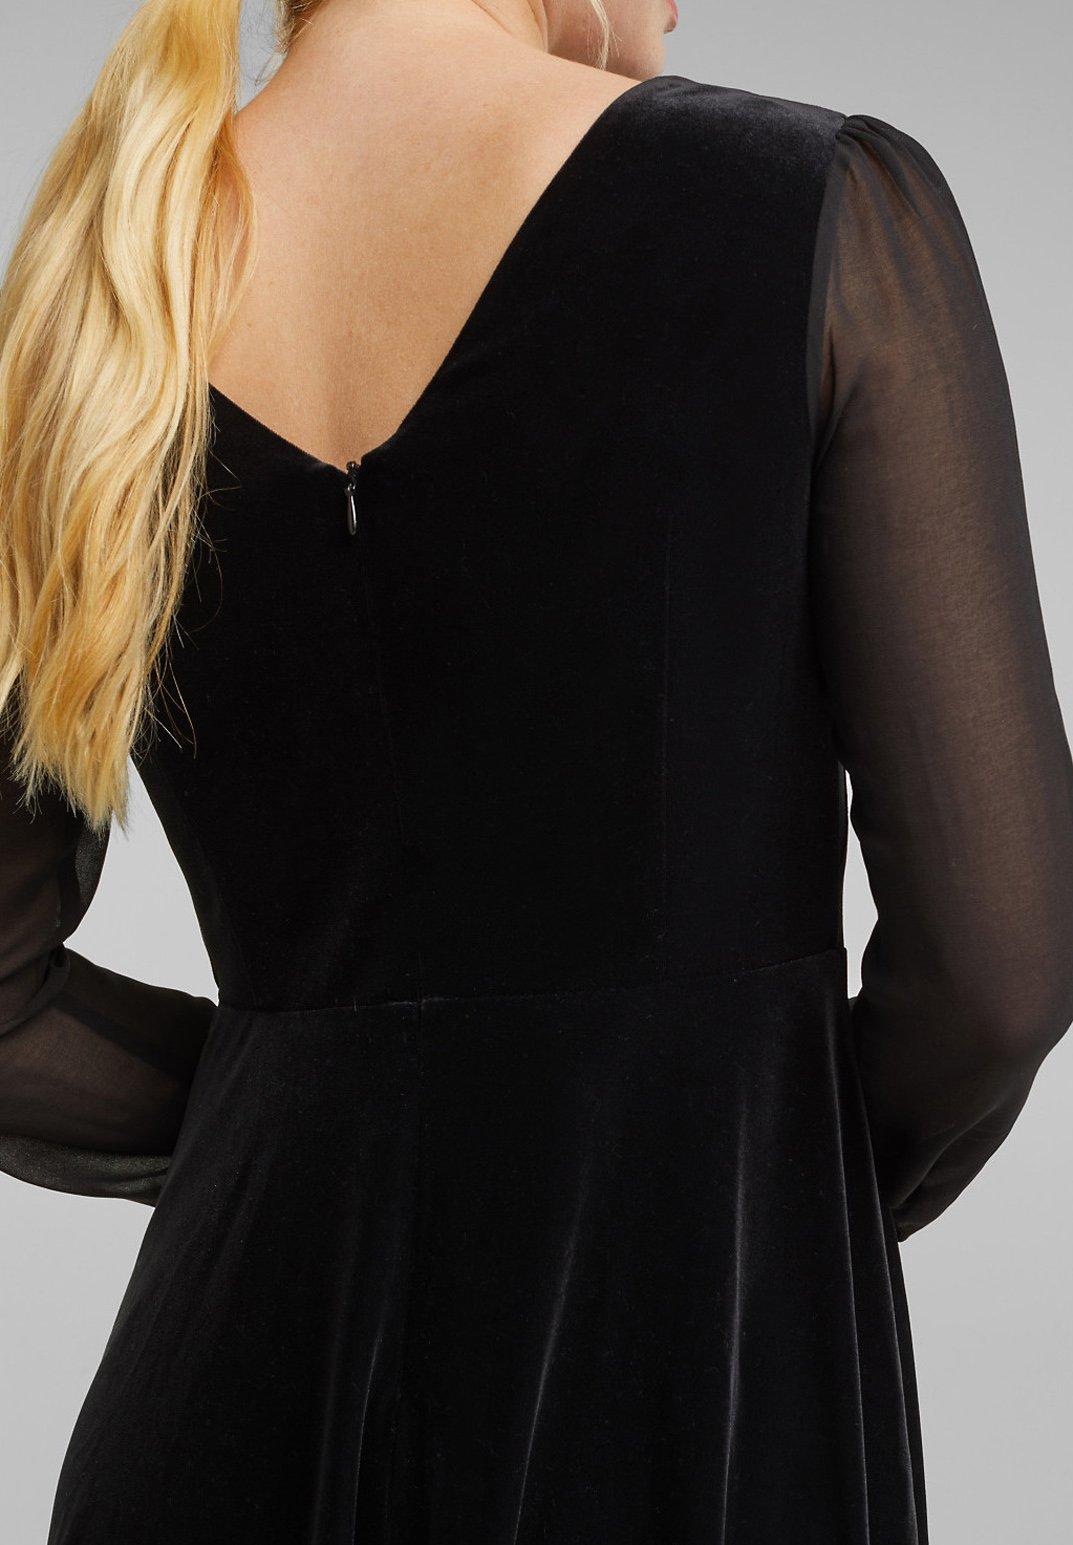 Esprit Collection MIT CHIFFONÄRMELN Freizeitkleid black/schwarz